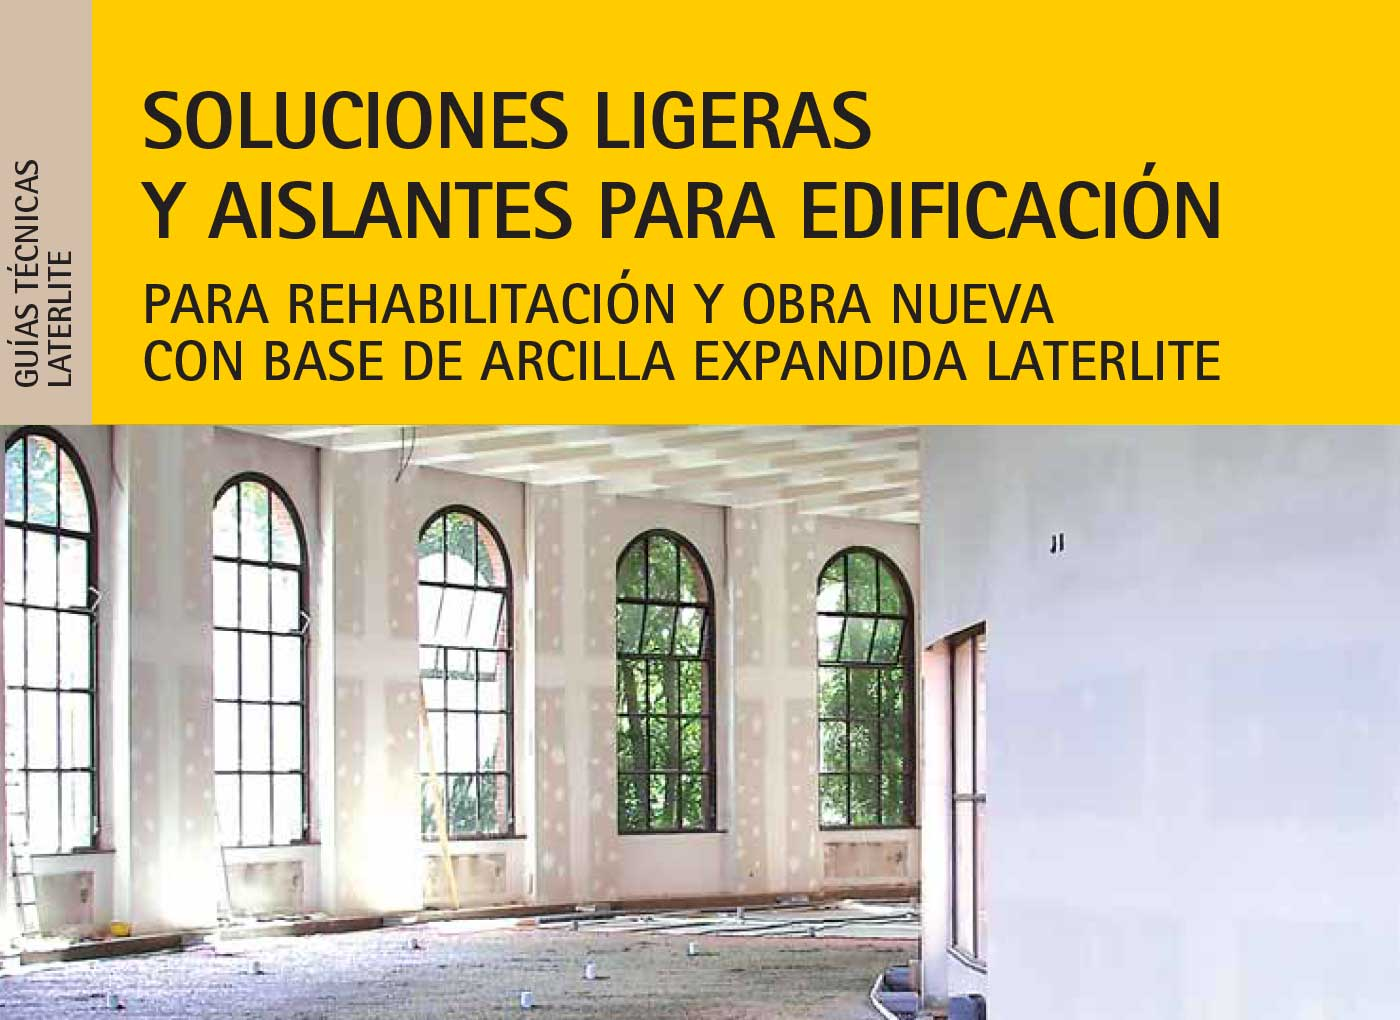 soluciones-ligeras-y-aislanted-para-edificacion-es